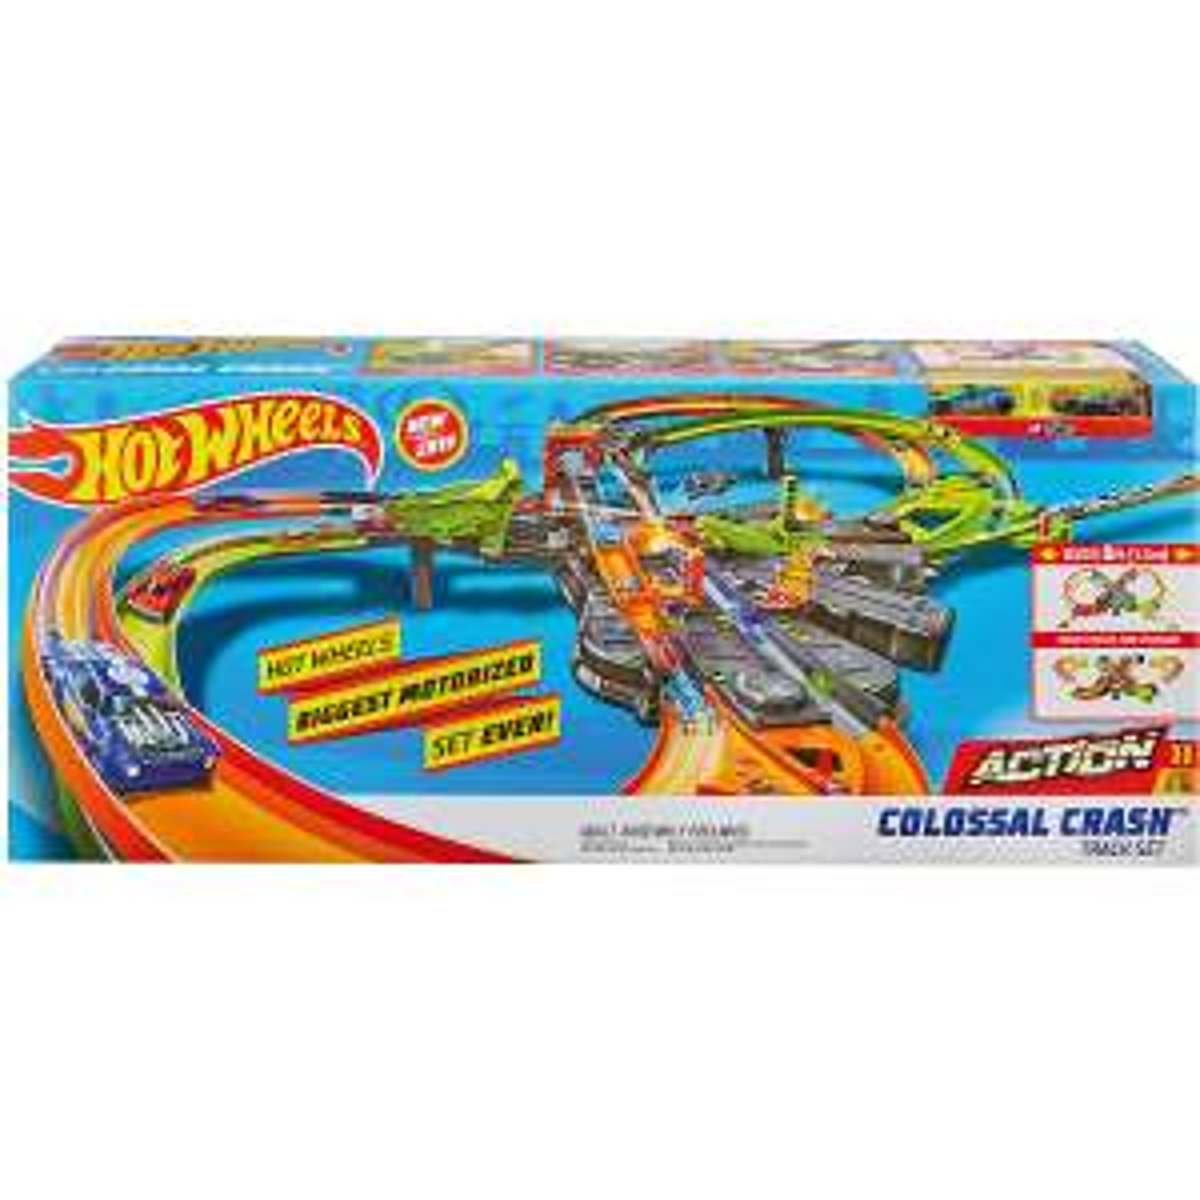 Hot Wheels GFH87 Super Mega Crash Große Rennbahn mit 8er Looping Kurve XXL (1,5 m breites Spielset mit Beschleuniger)